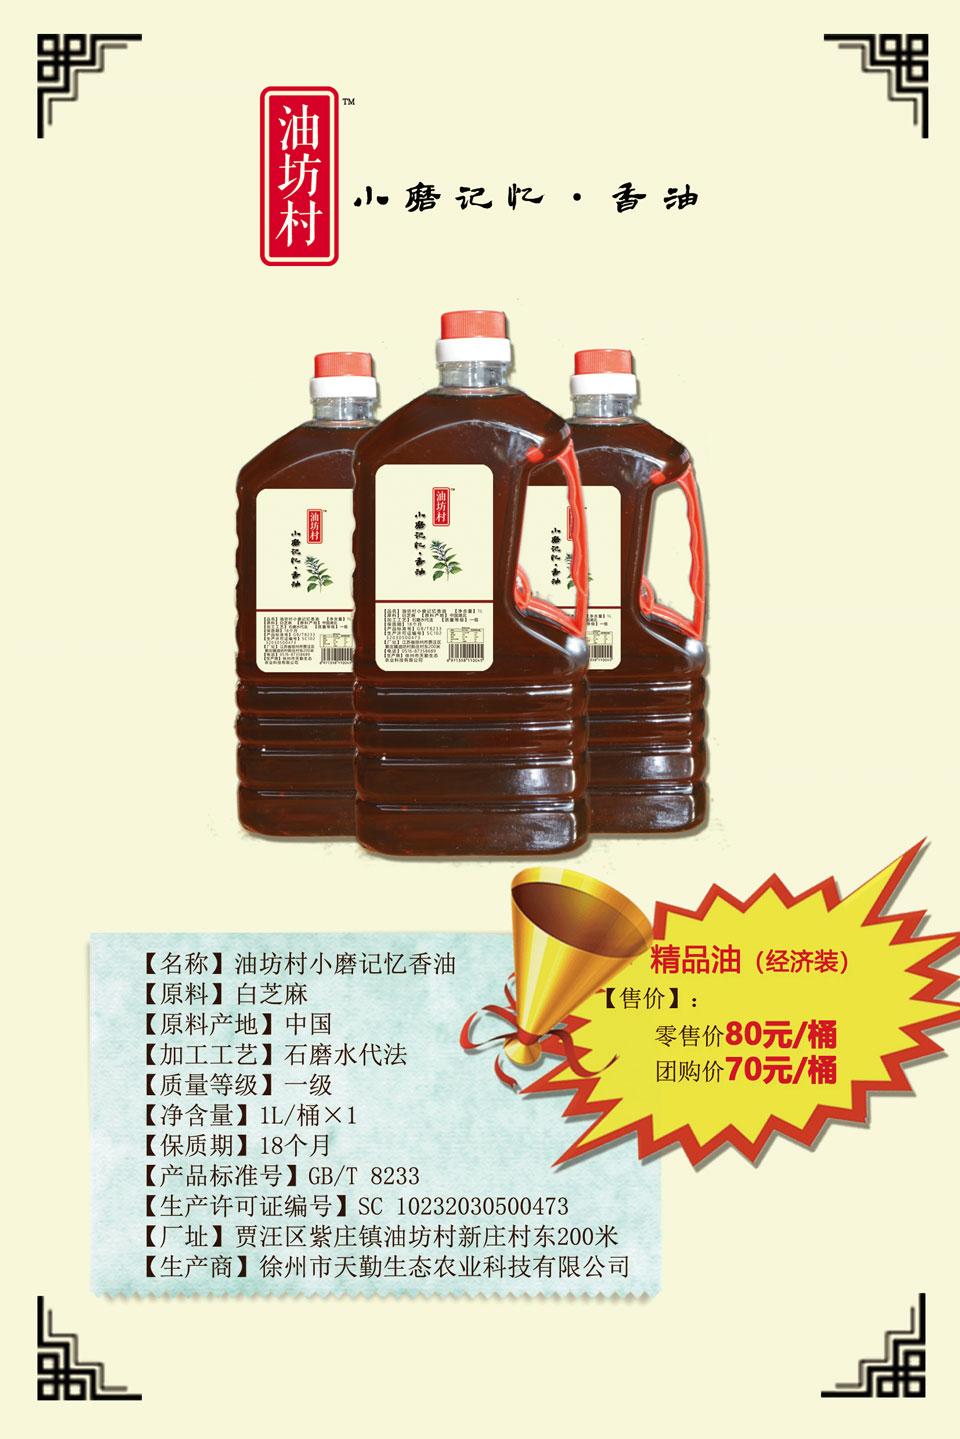 江苏销量好的徐州香油365bet体育在线滚球_日博体育365ok_365体育彩票客服电话,纯香油